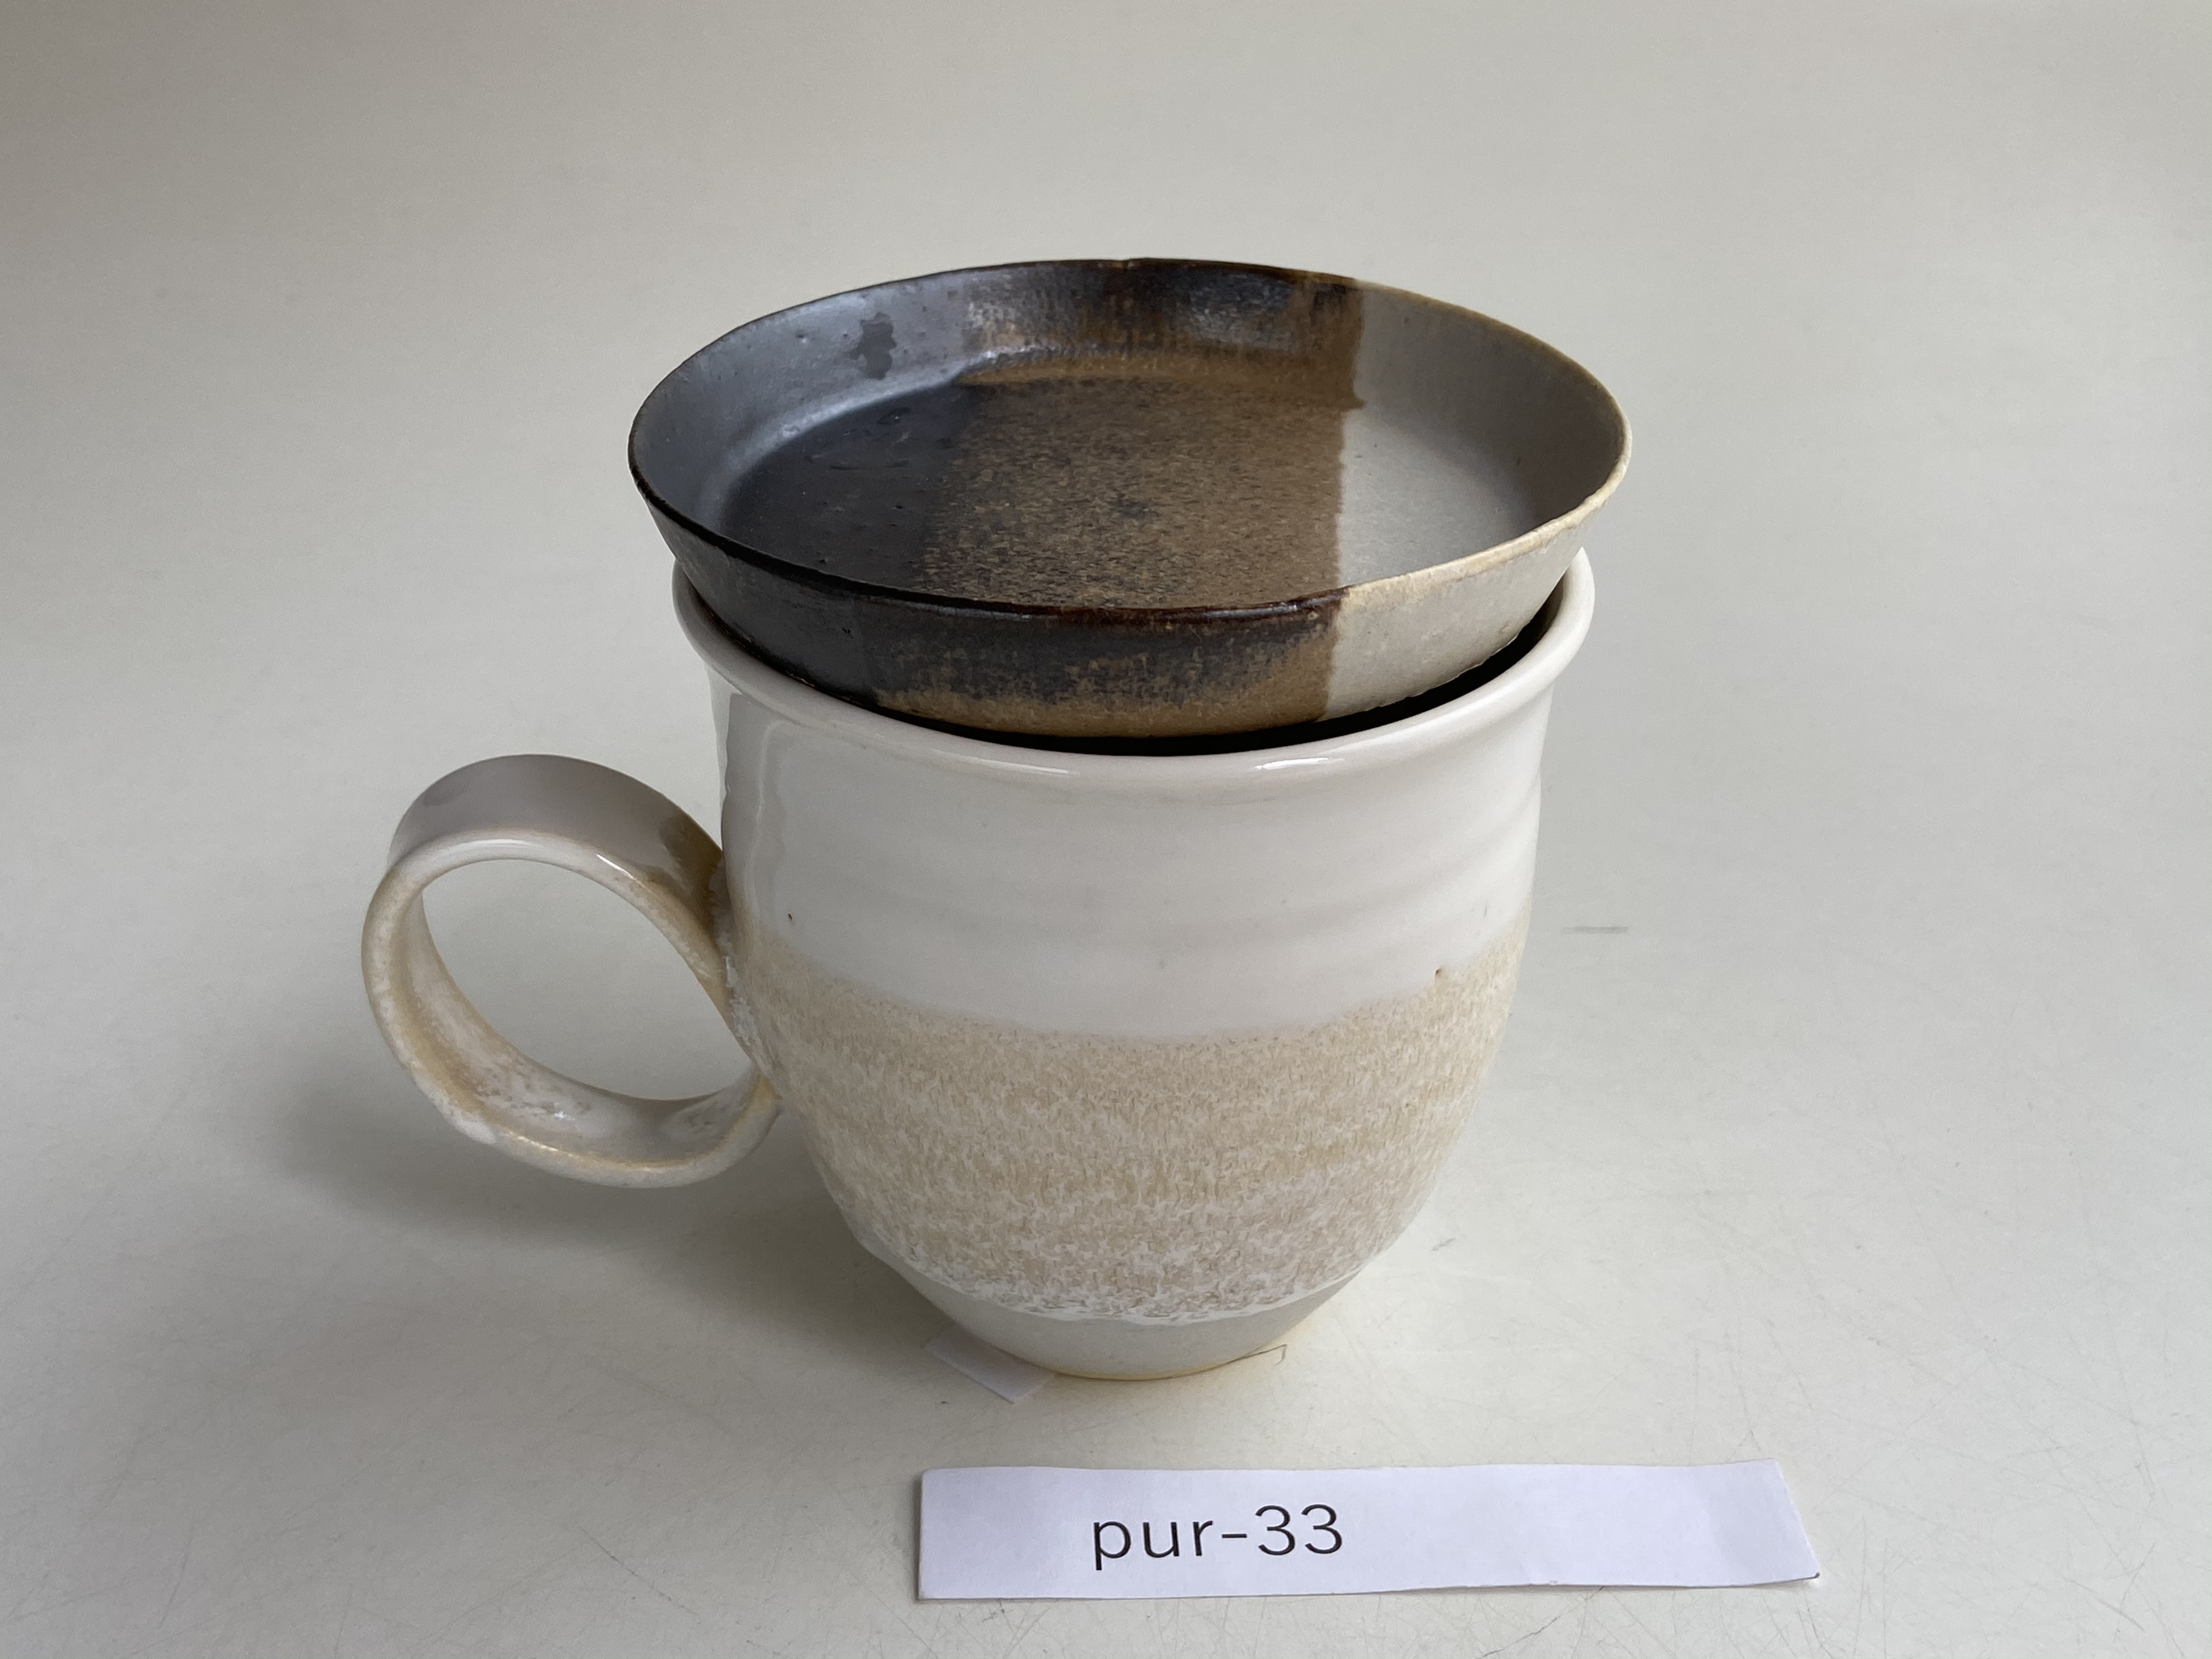 ハンドルマグ&プレートミニセット pur-33